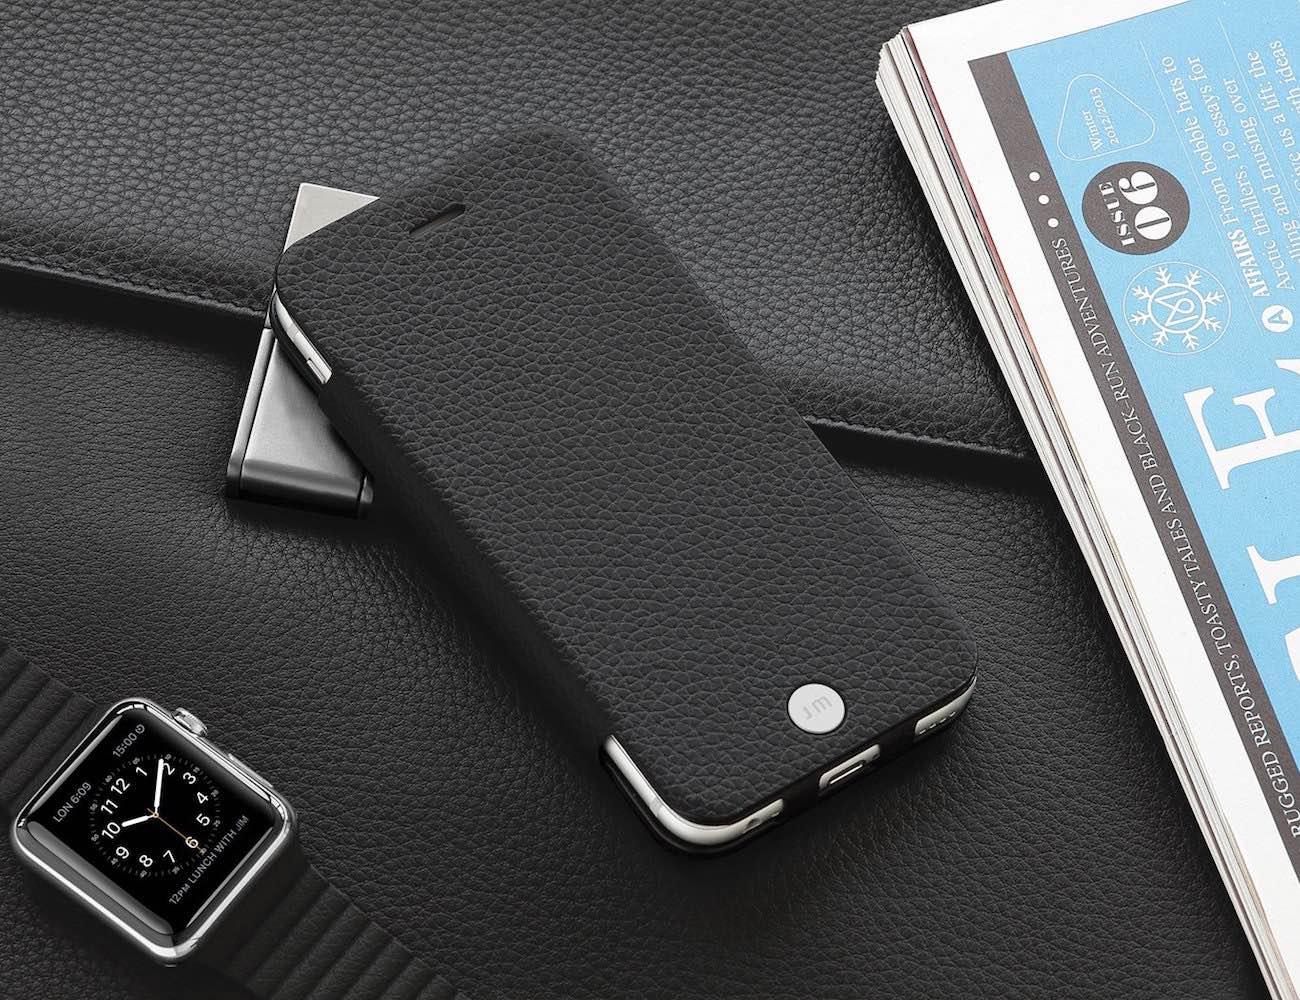 Quattro Folio iPhone Case by Just Mobile